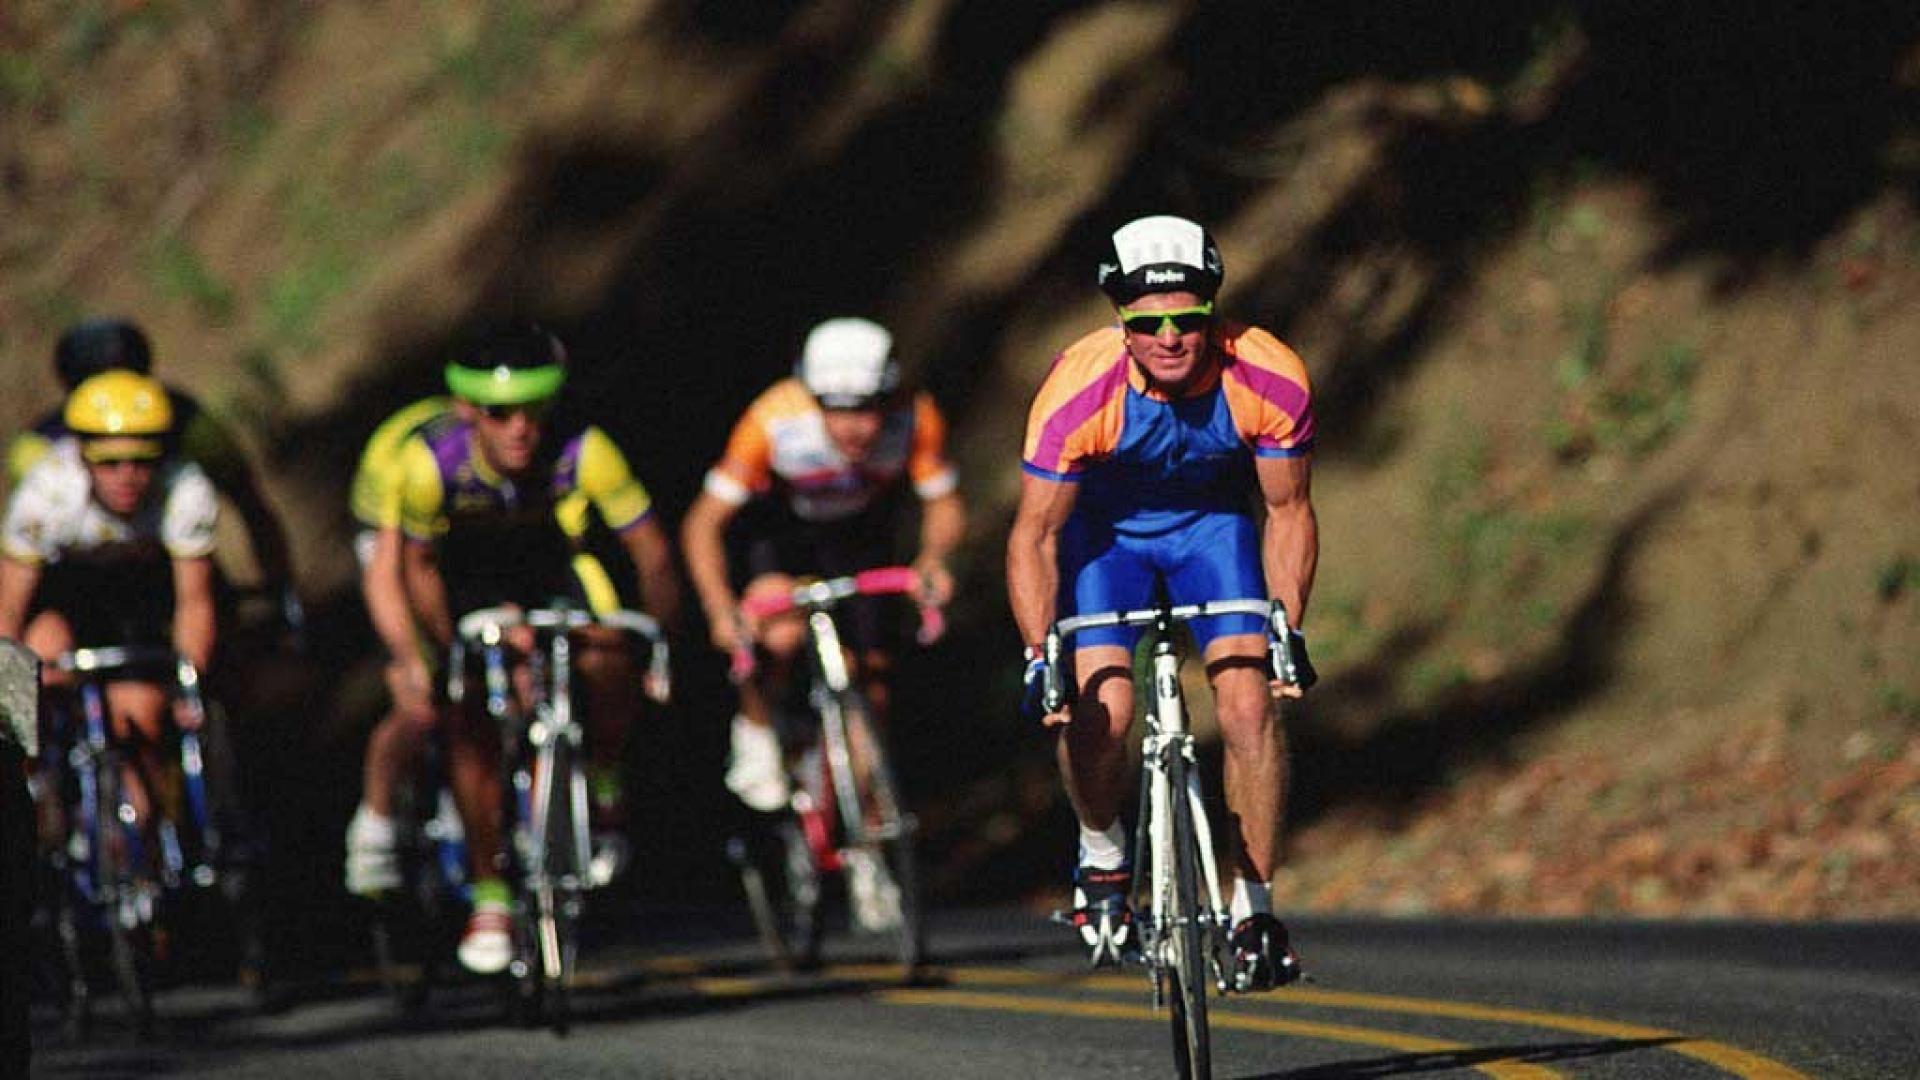 Cycling Wallpaper Theme